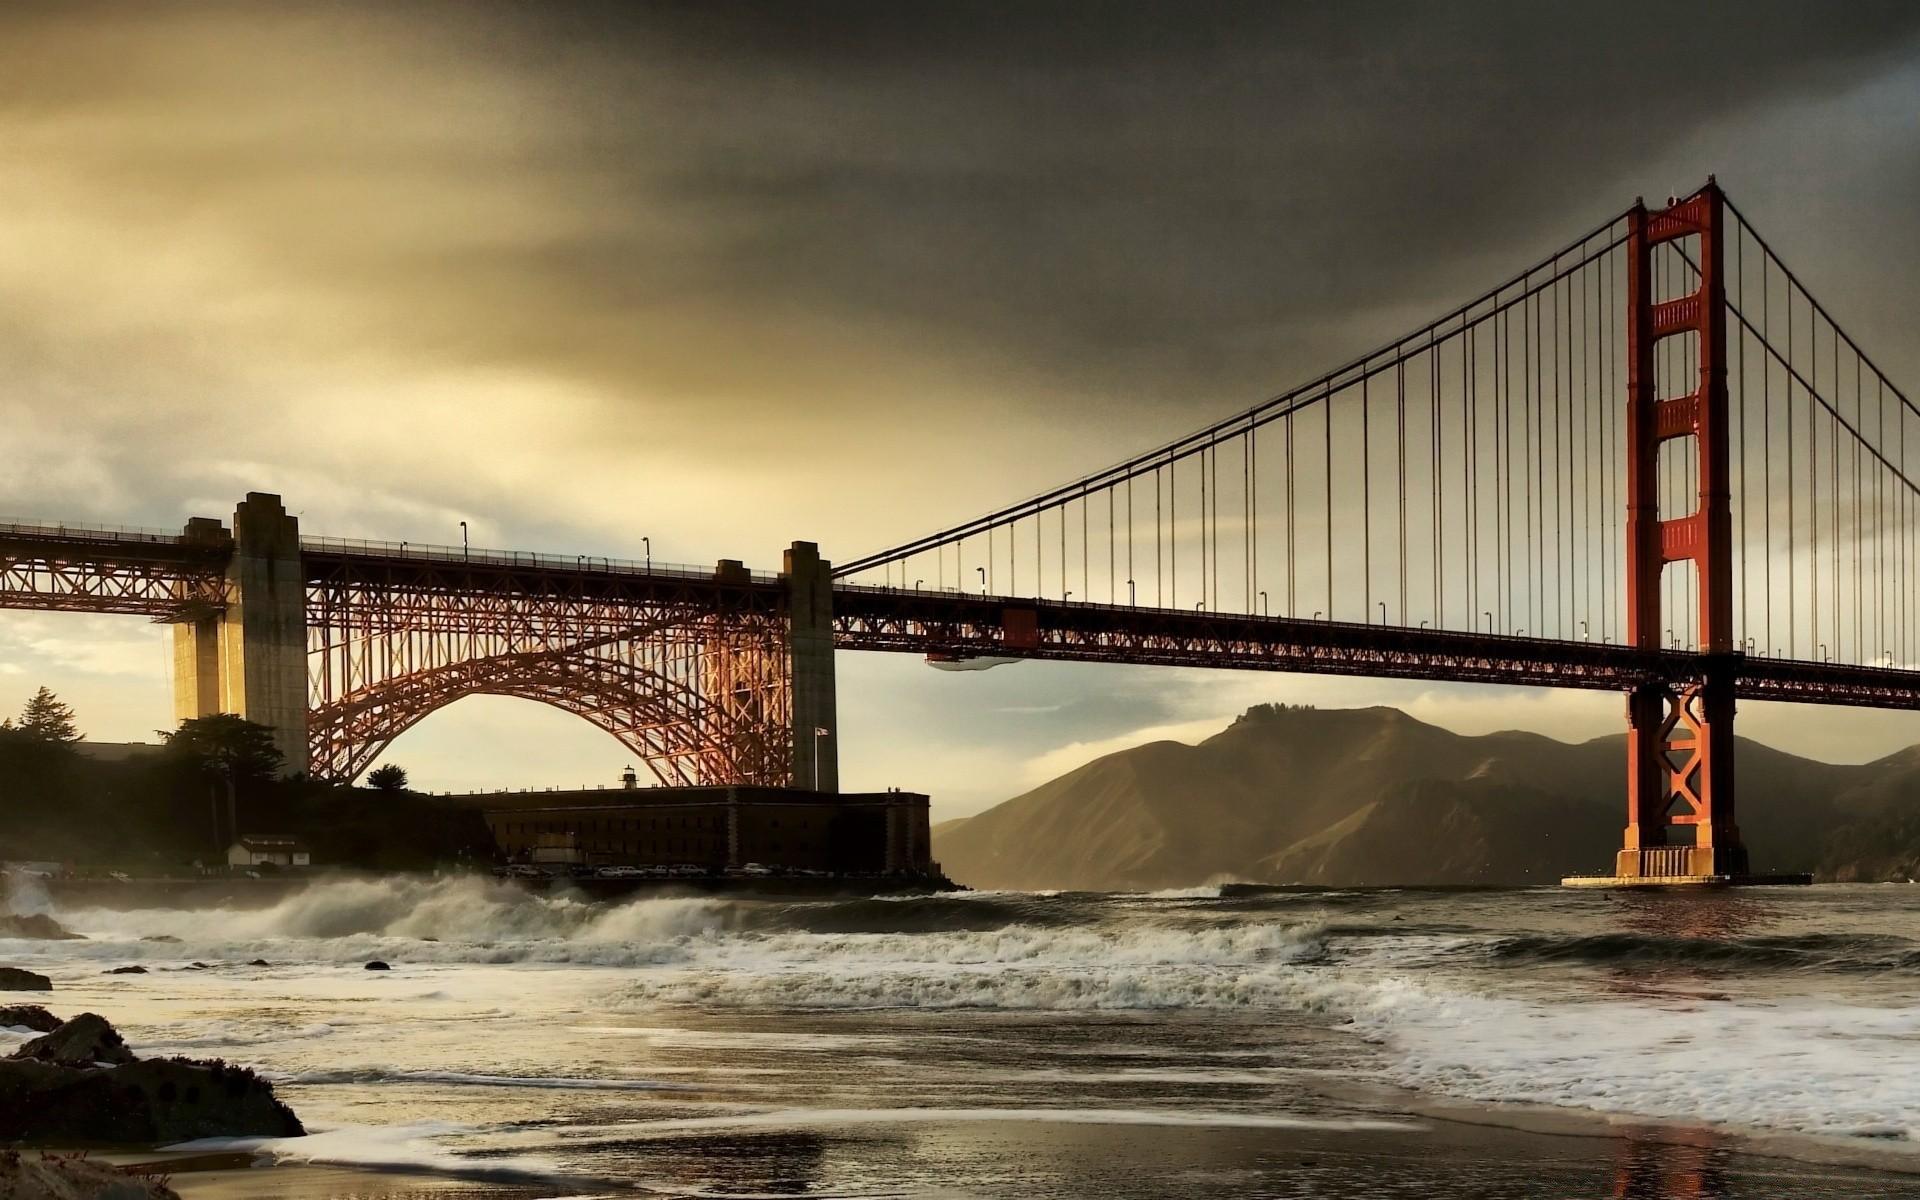 красивые мосты обои на рабочий стол № 183220  скачать